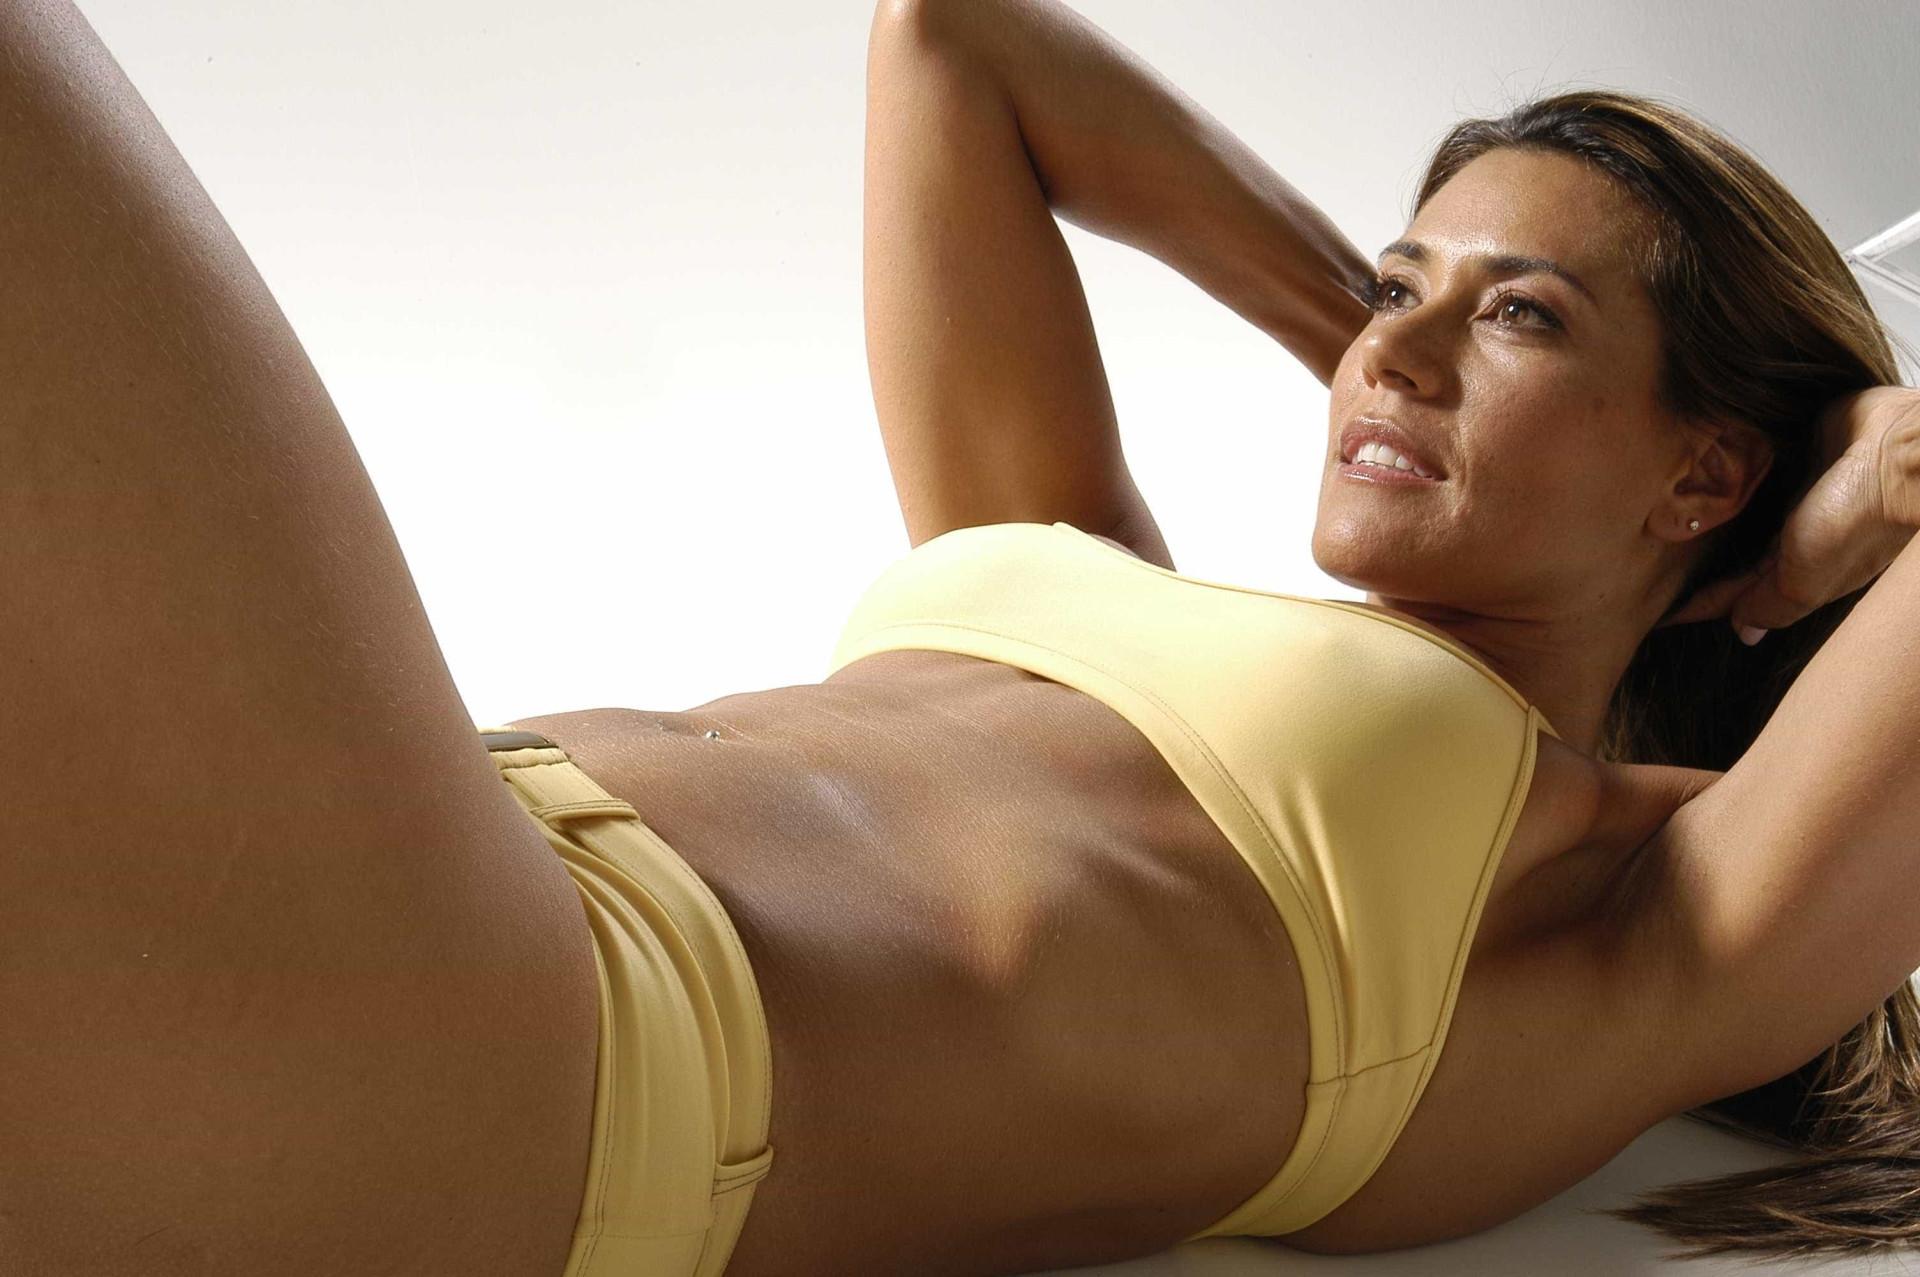 Eterna musa fitness: aos 55 anos corpo de Solange Frazão impressiona